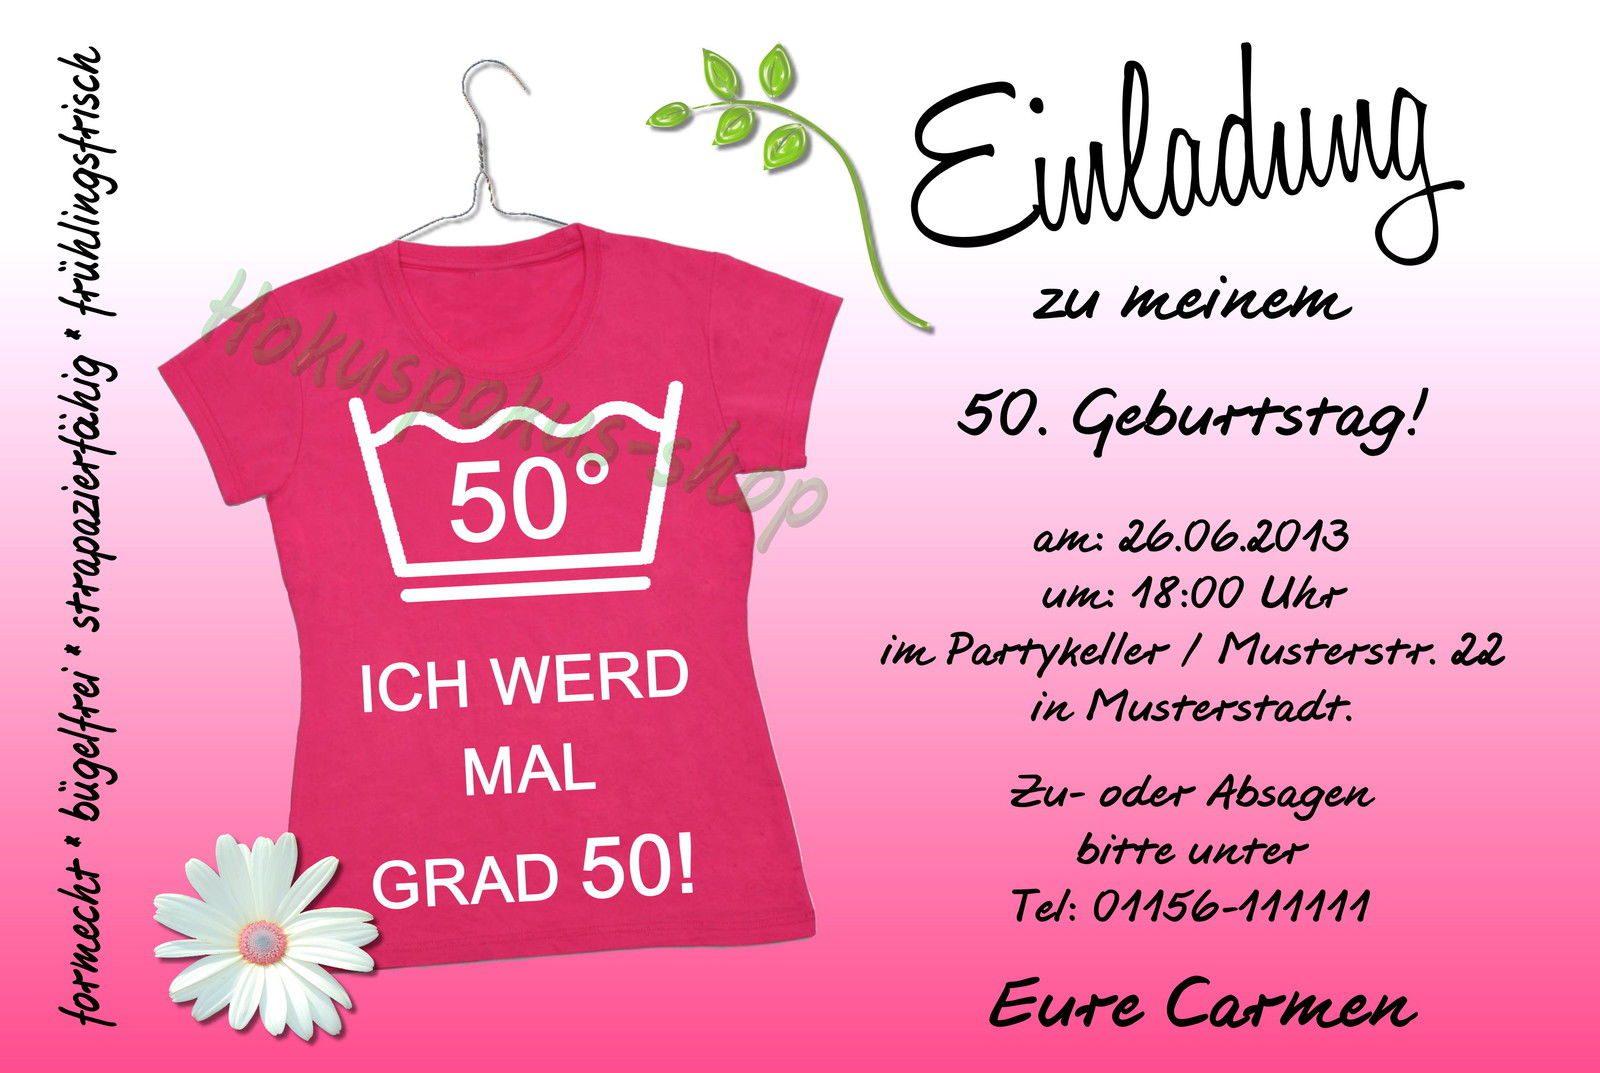 einladungen zum 50 geburtstag : einladungen zum 50 geburtstag, Einladungen